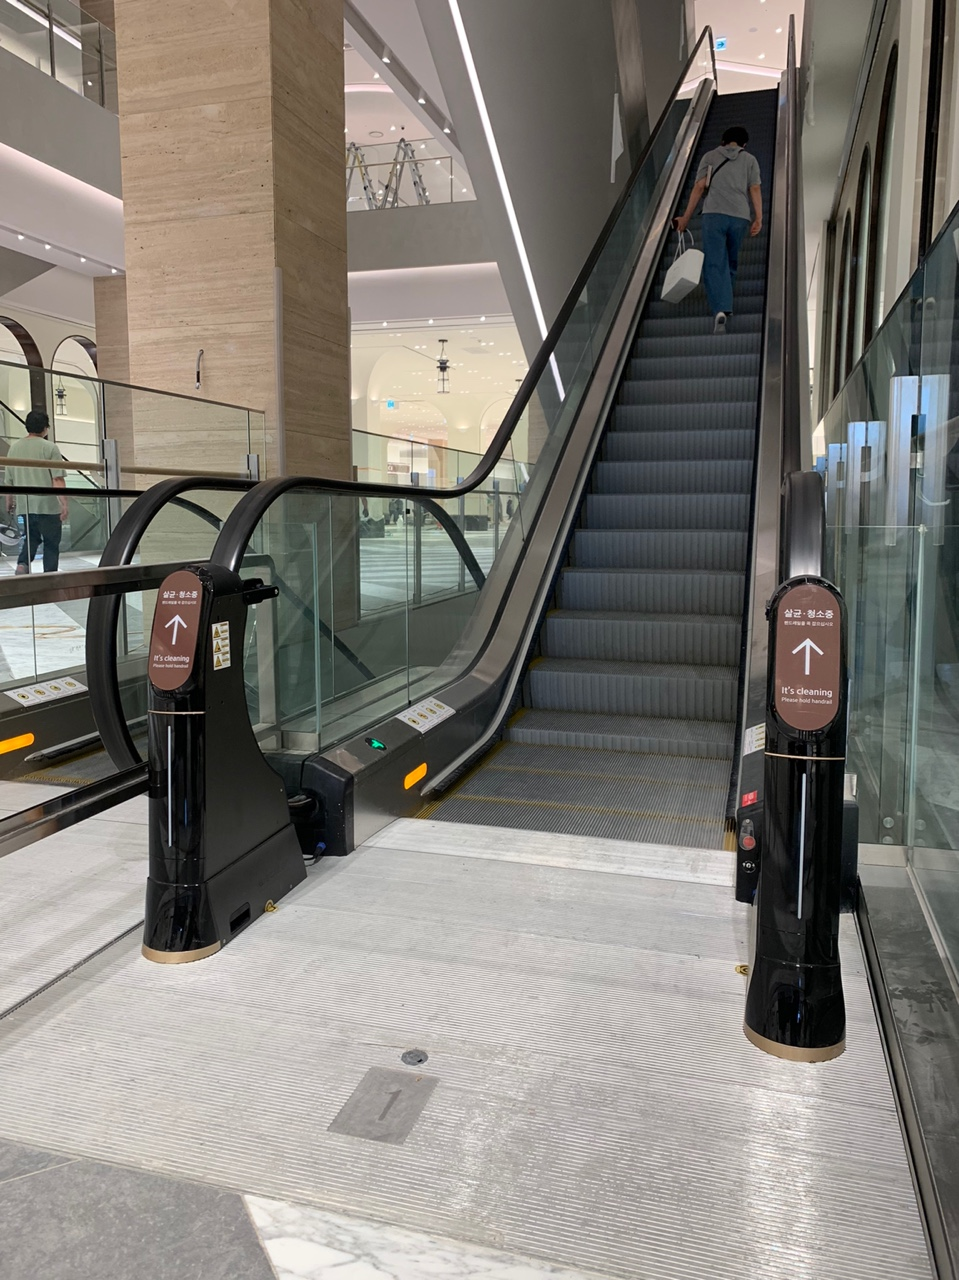 에스컬레이터 핸드레일 살균 소독 청소기 위클린이 설치된 신세계백화점 대전점의 모습 1